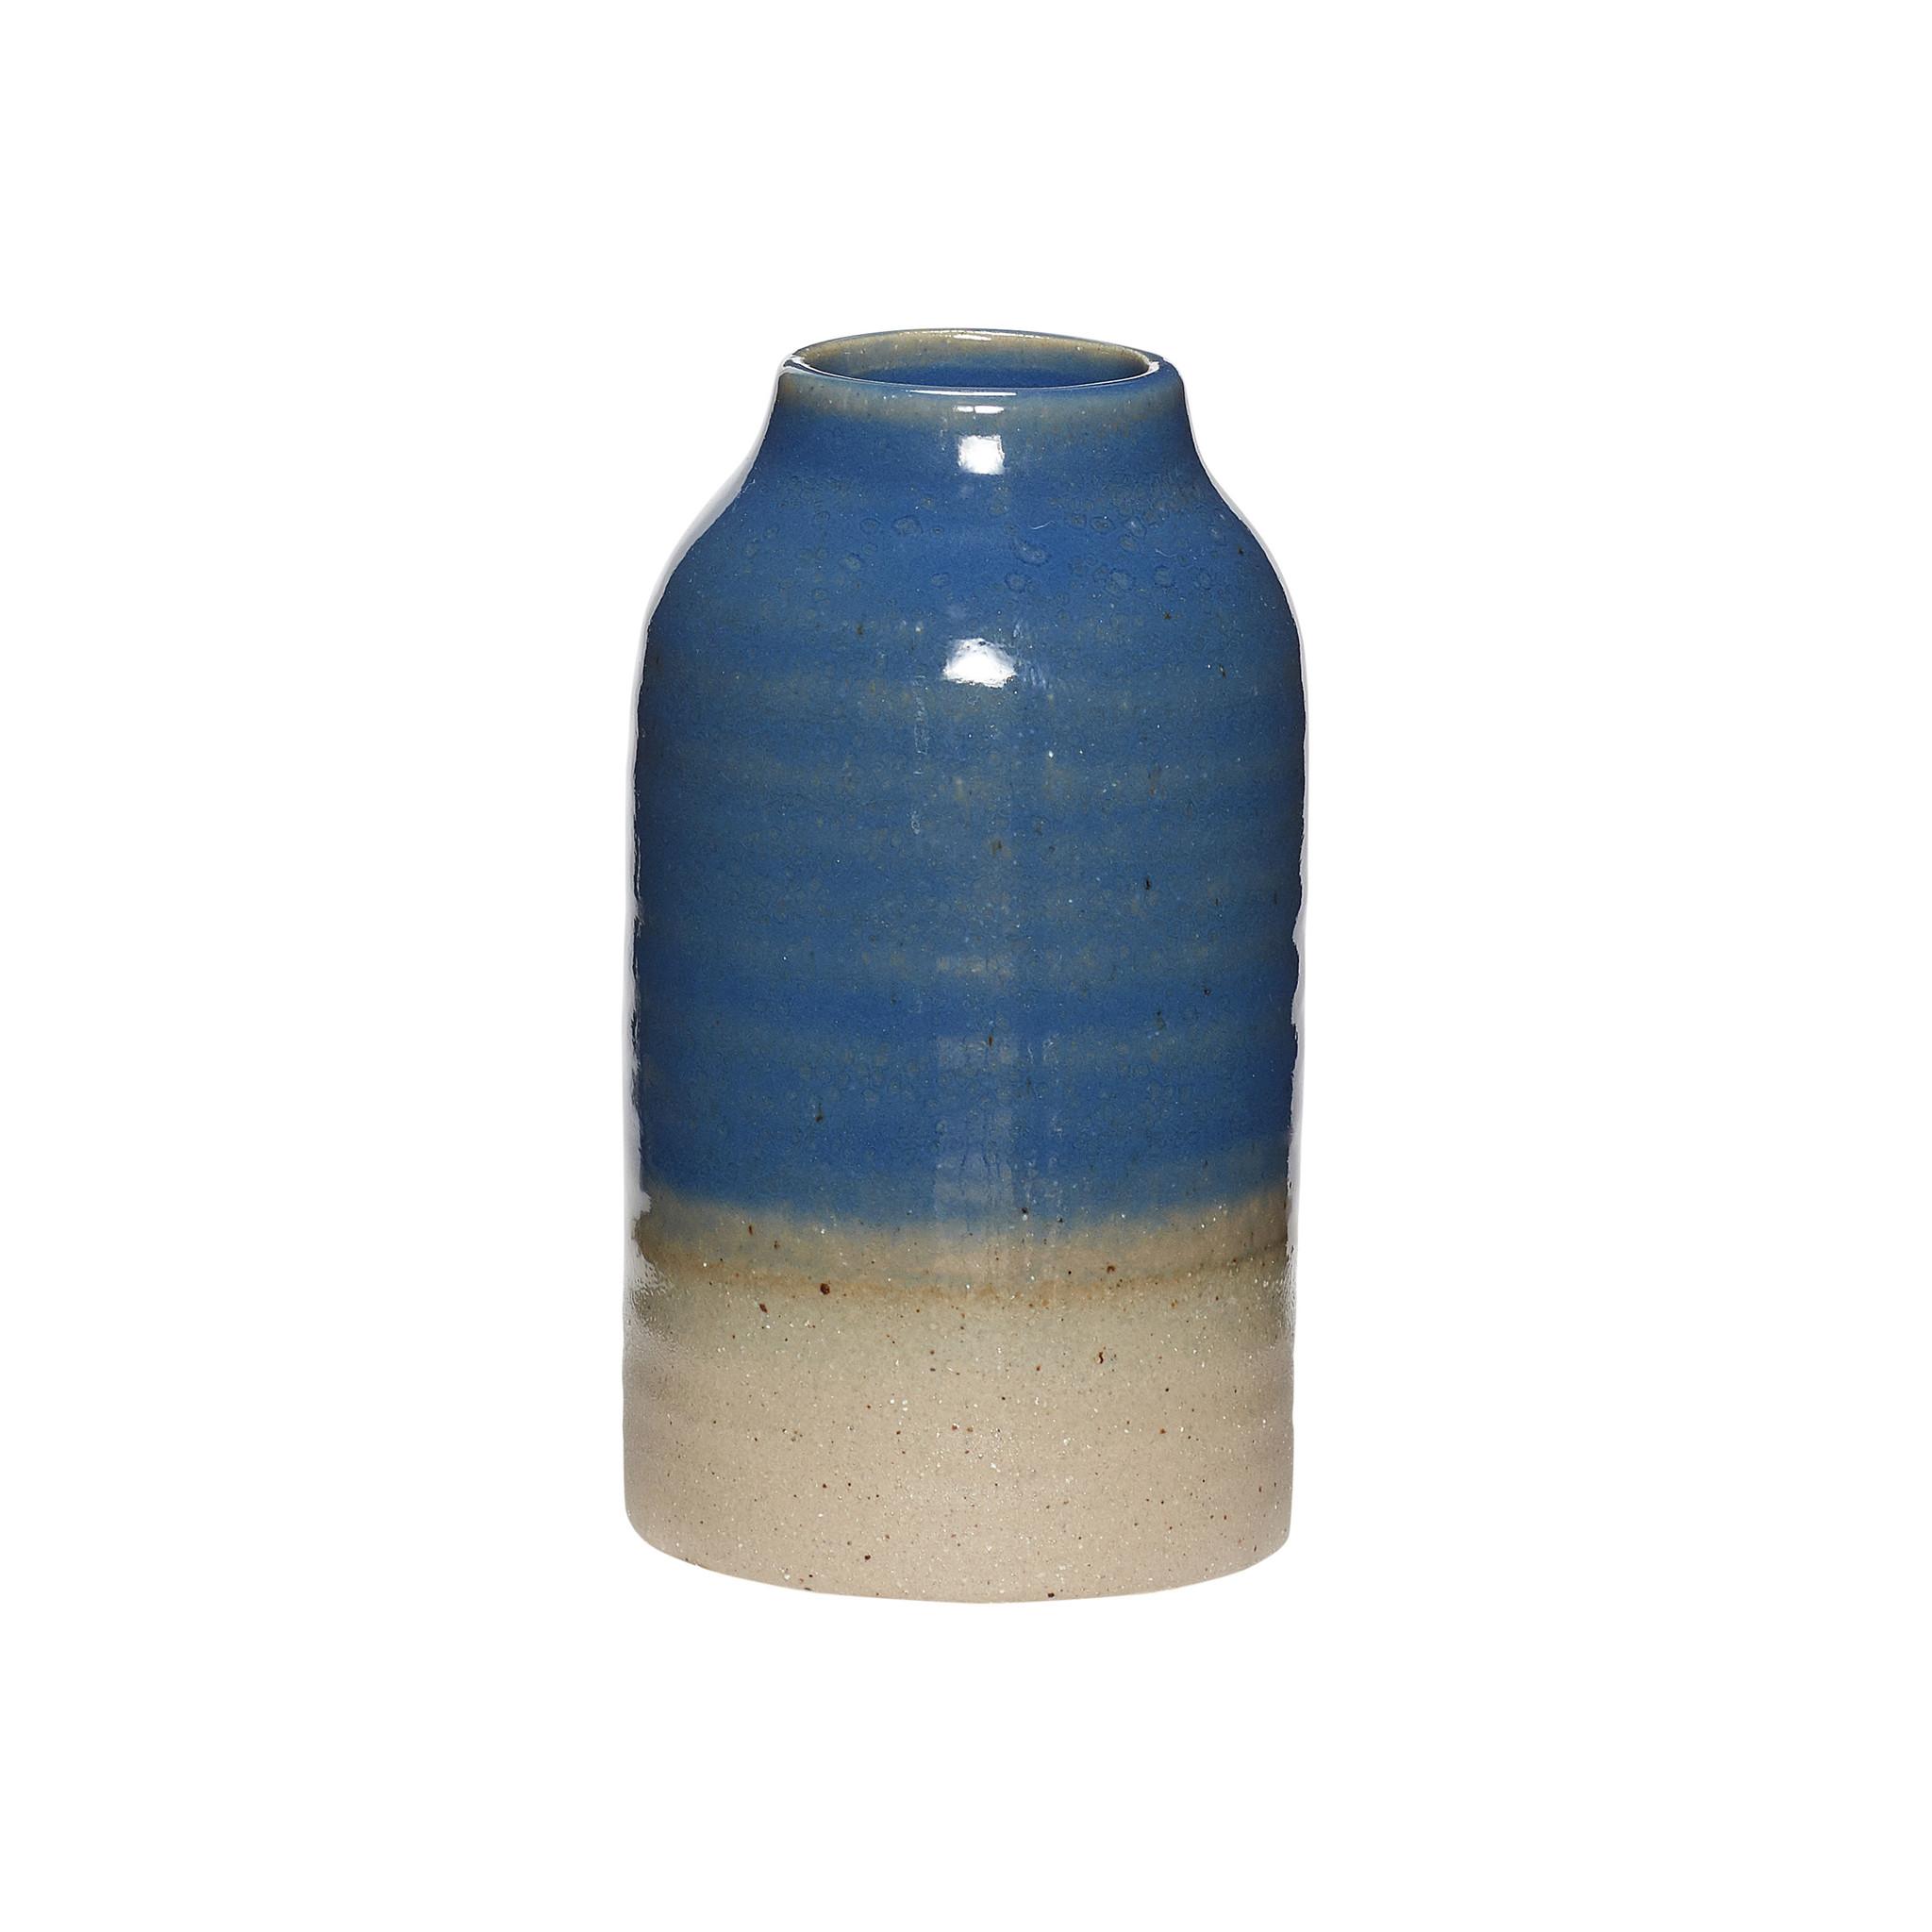 Hubsch Vaas, cremisch, blauw / zand